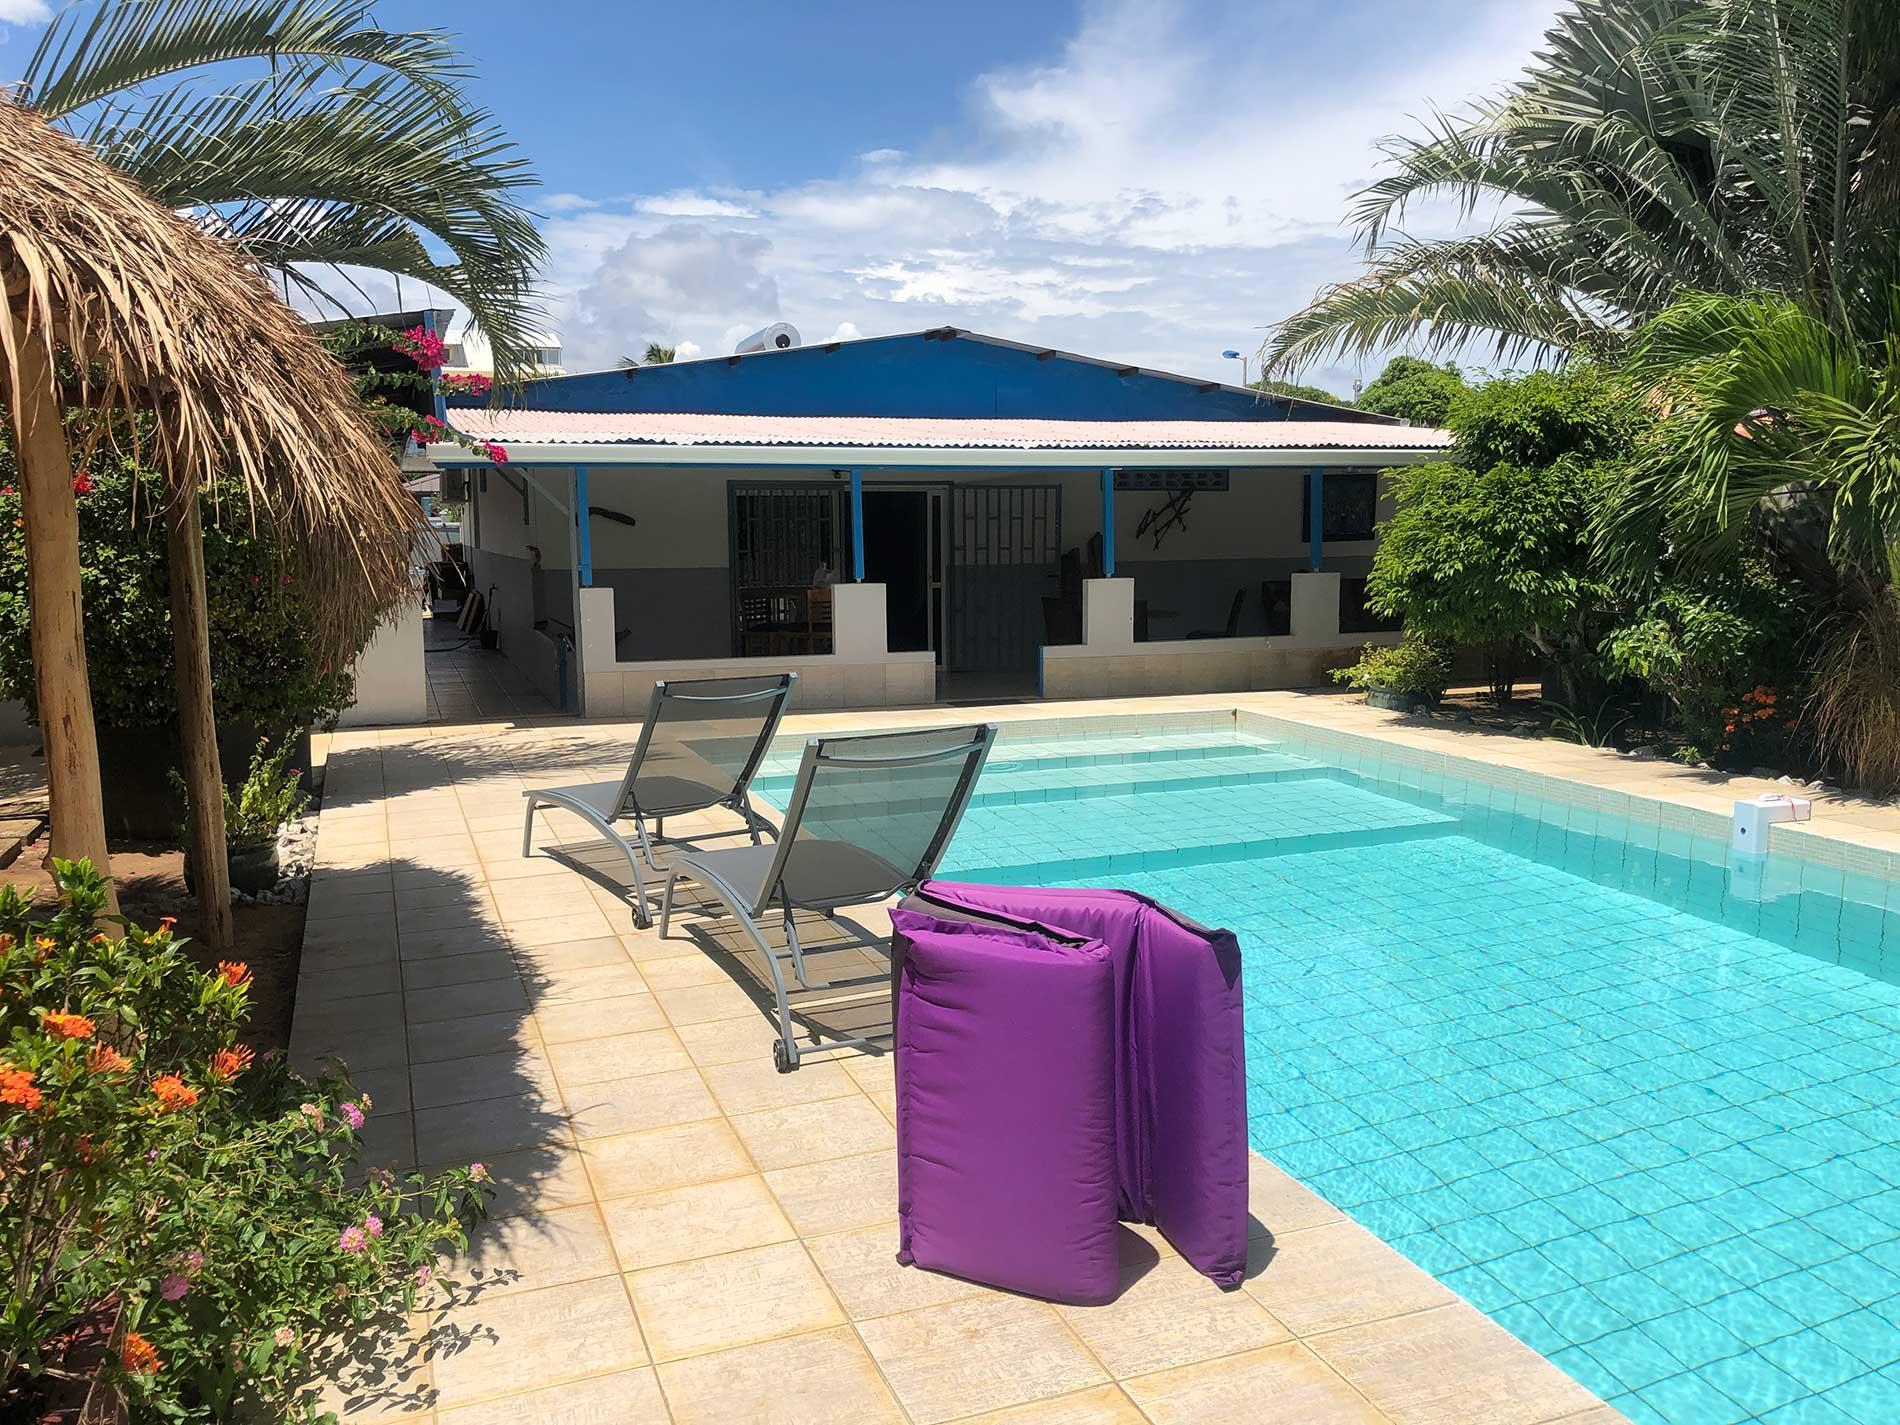 Vue de la piscine depuis les studios toucan et toco. Eau bleue, ciel bleu, bain de soleil avec végétation tropicale